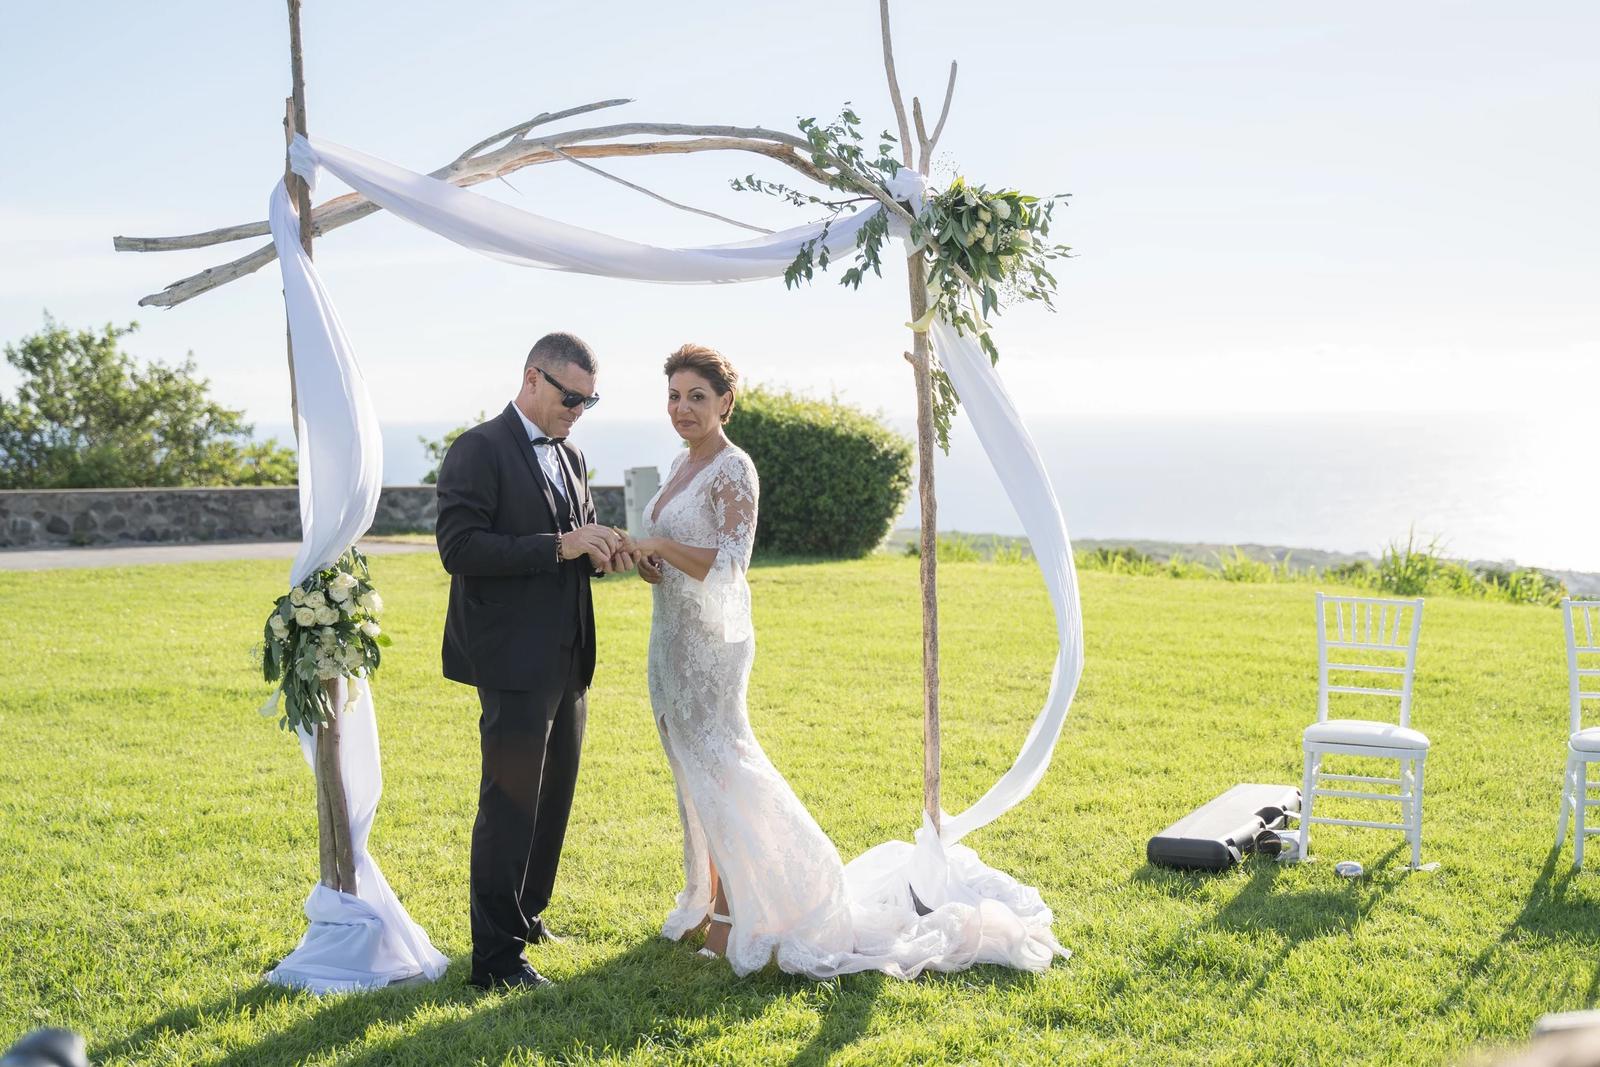 MRevenement organisation de mariage à la Réunion _ Mariage de B et JC (21).jpg